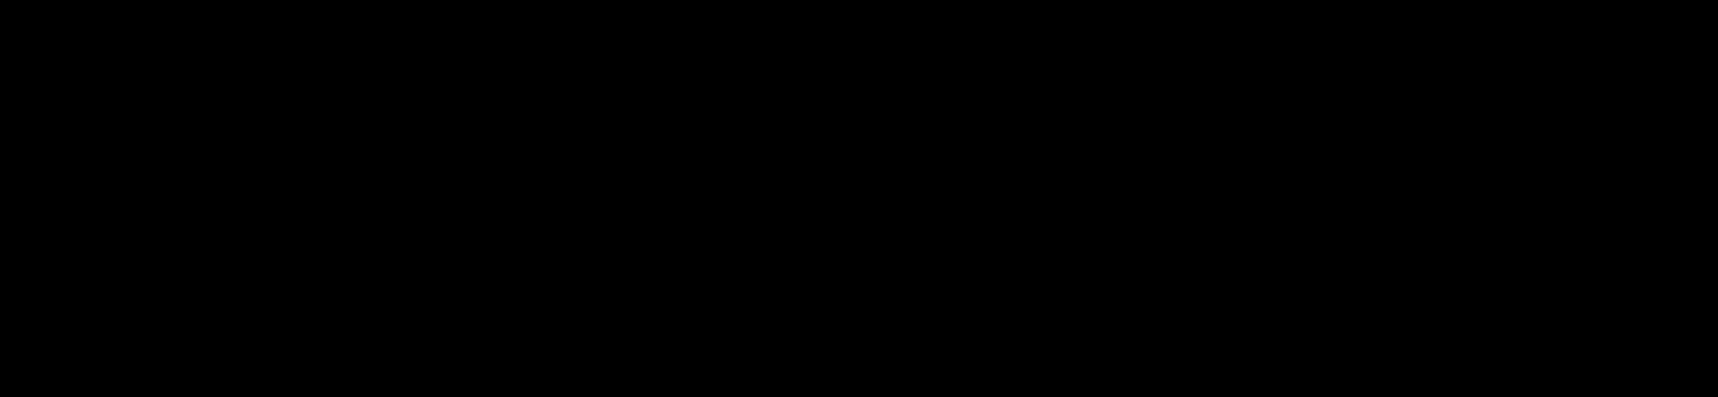 Zetasizer Nano SZS